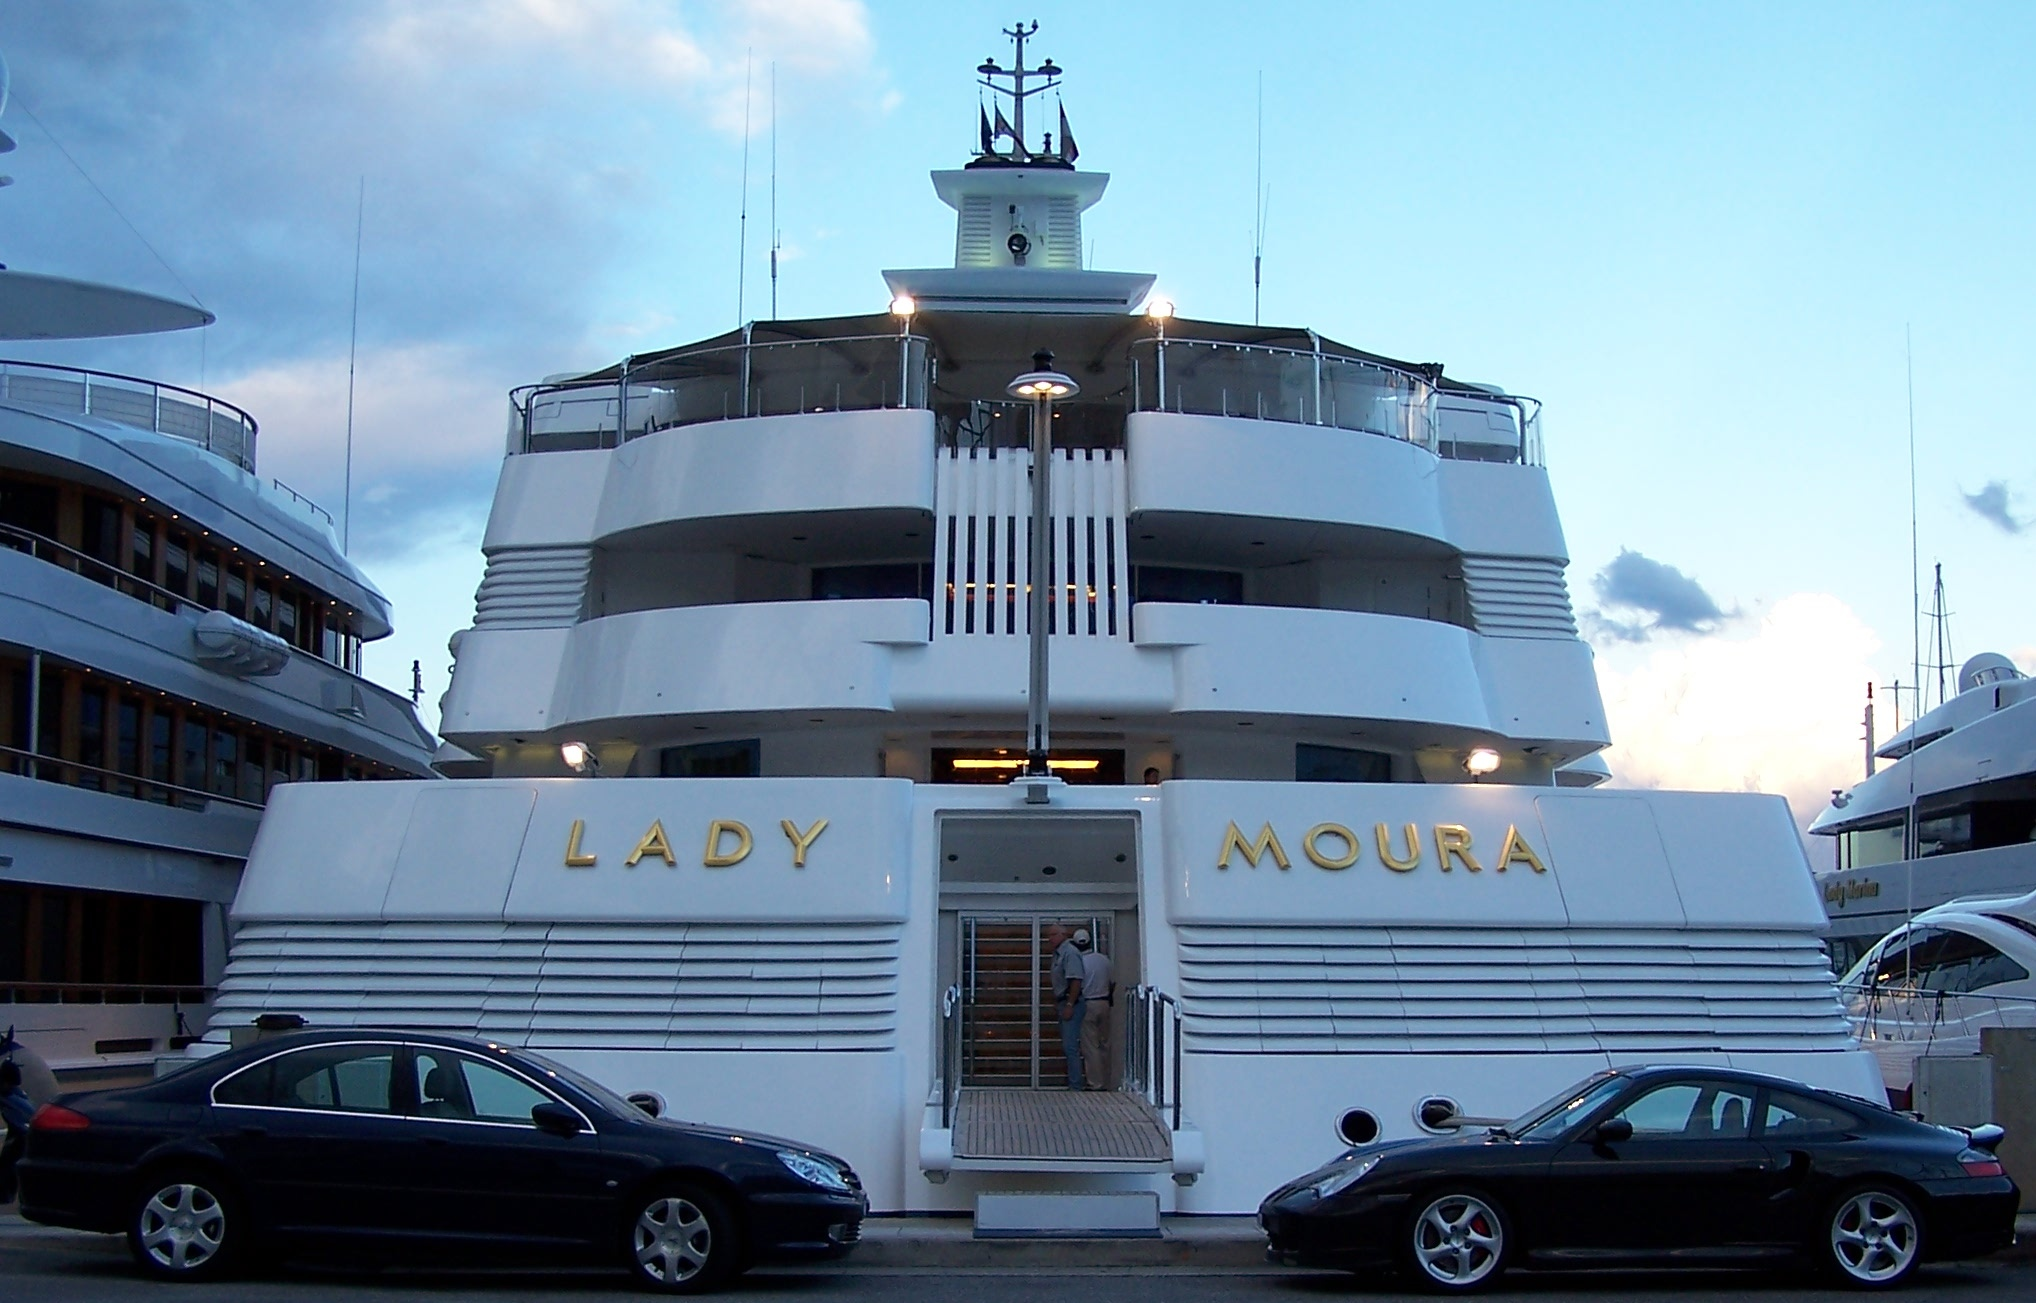 Lady Moura Yacht Junglekey Fr Image